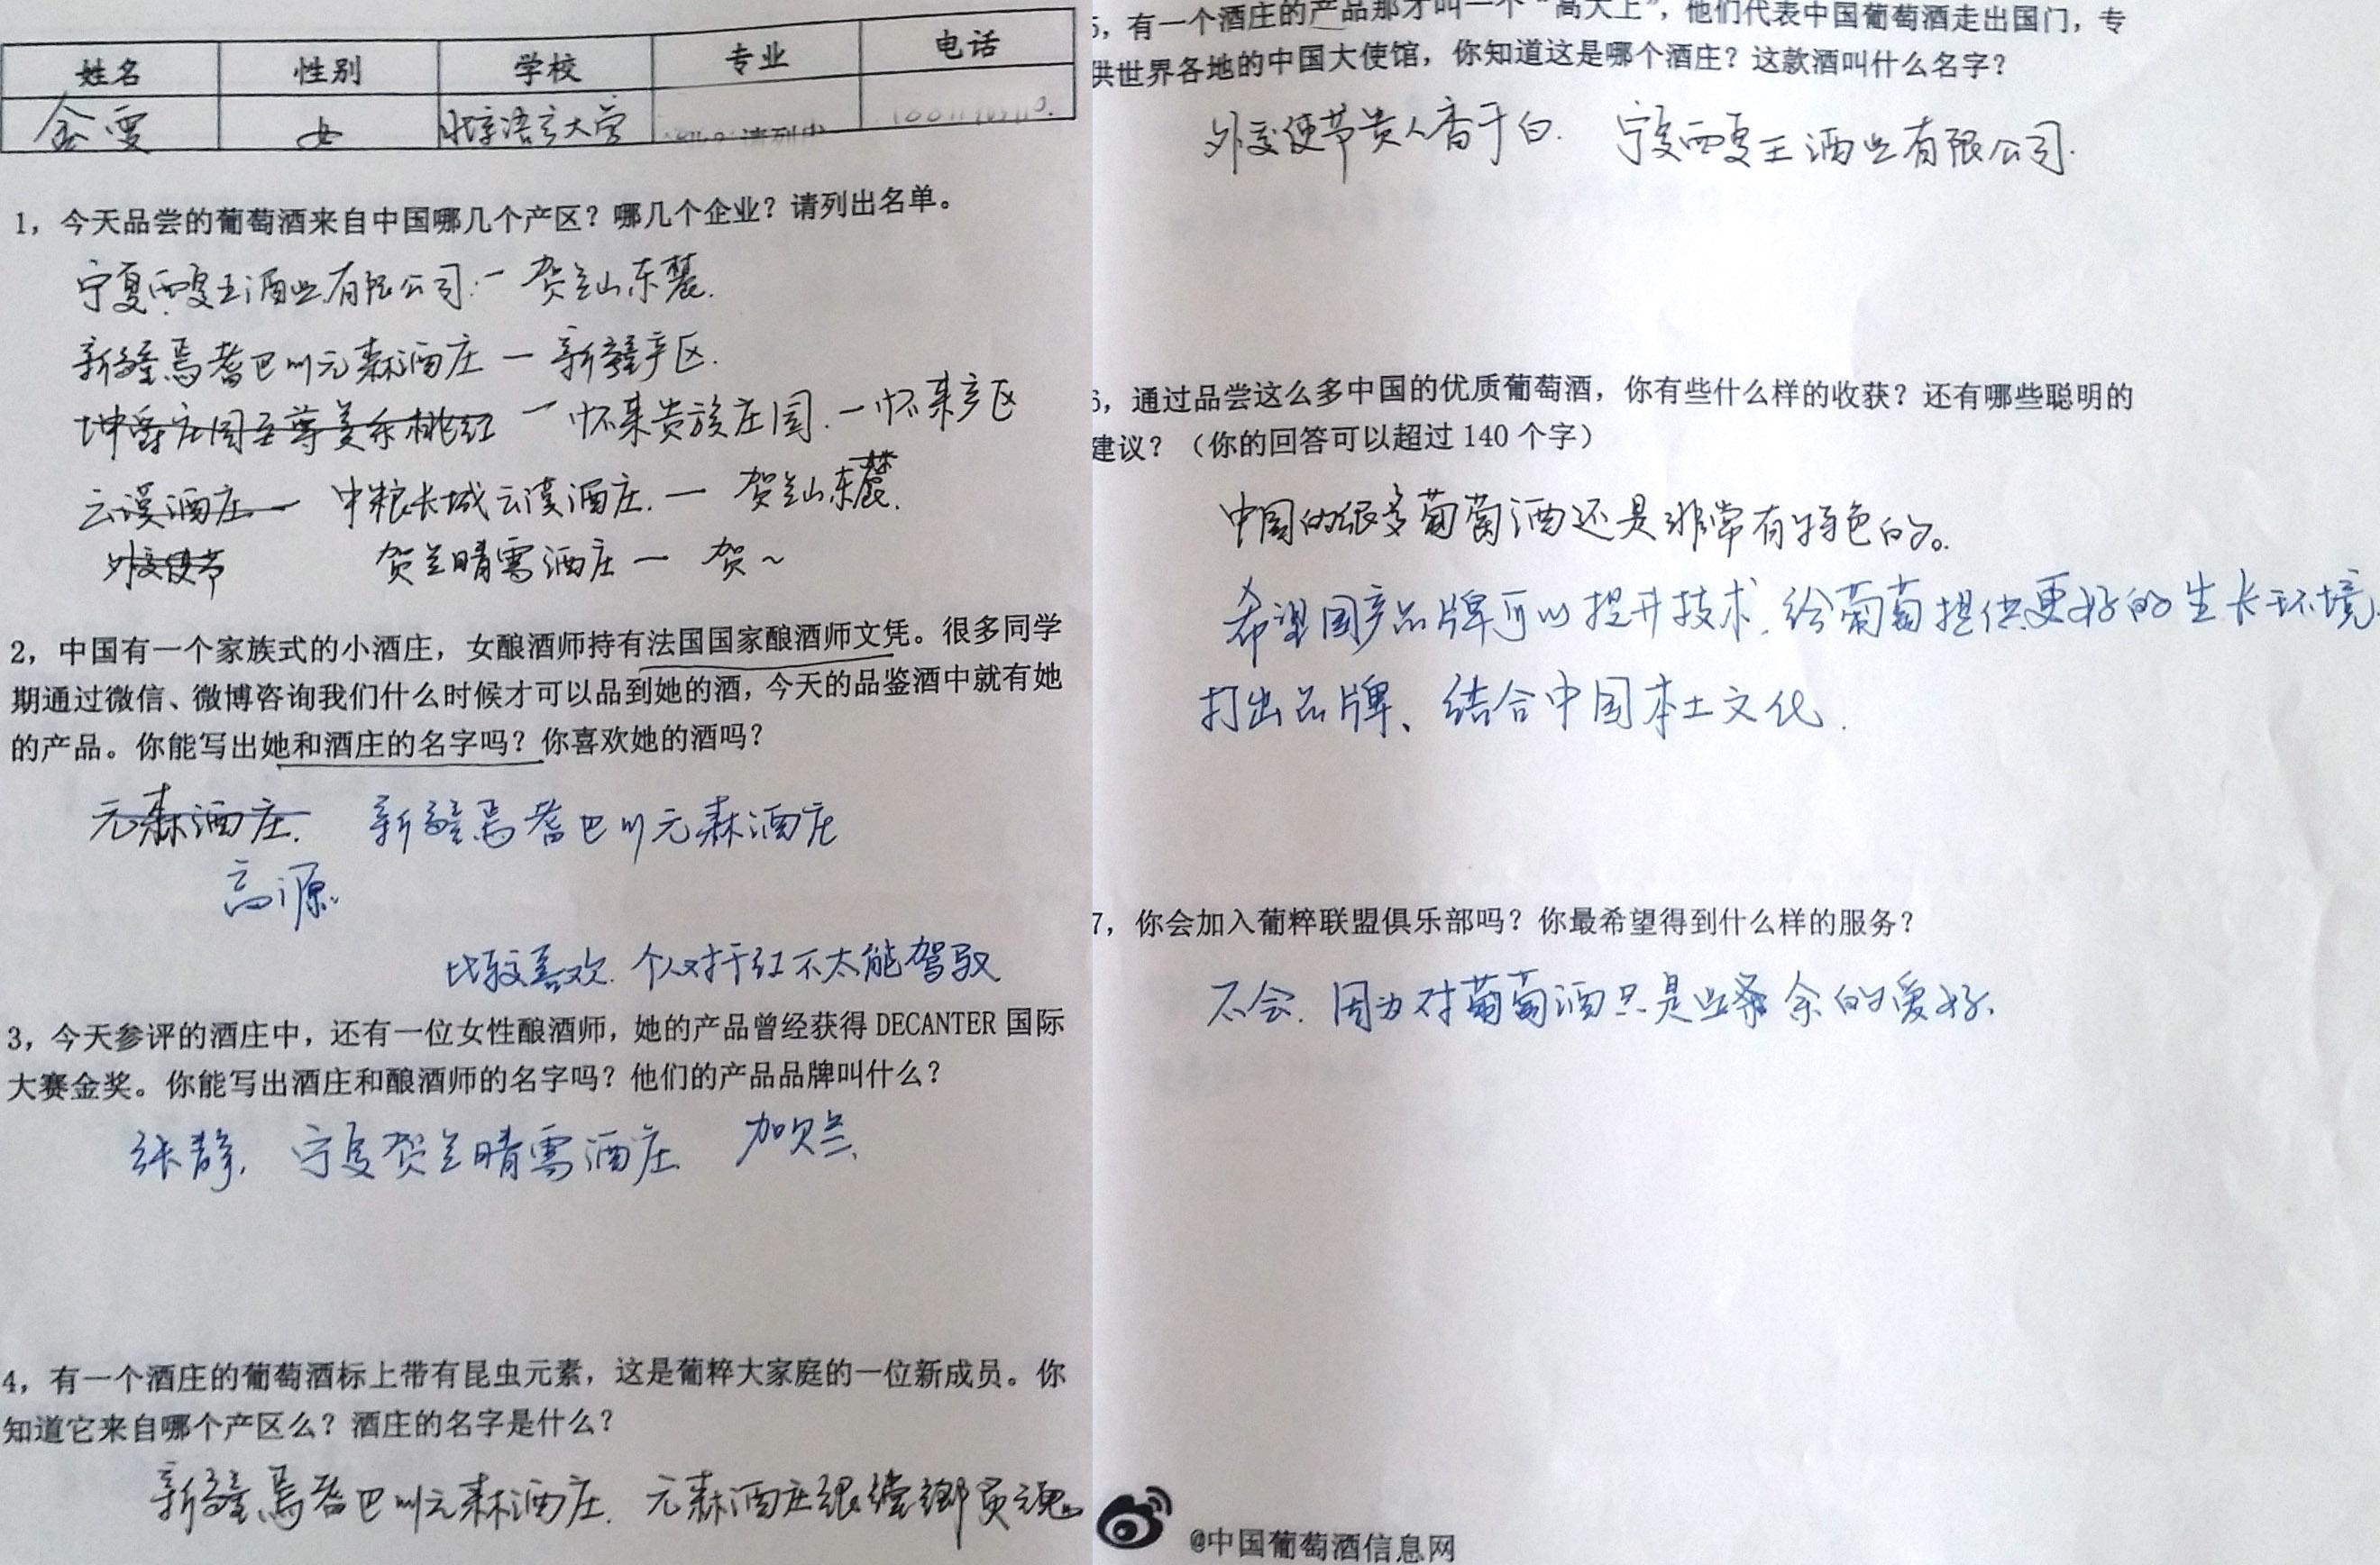 2014葡粹校园行之中国农大(20)